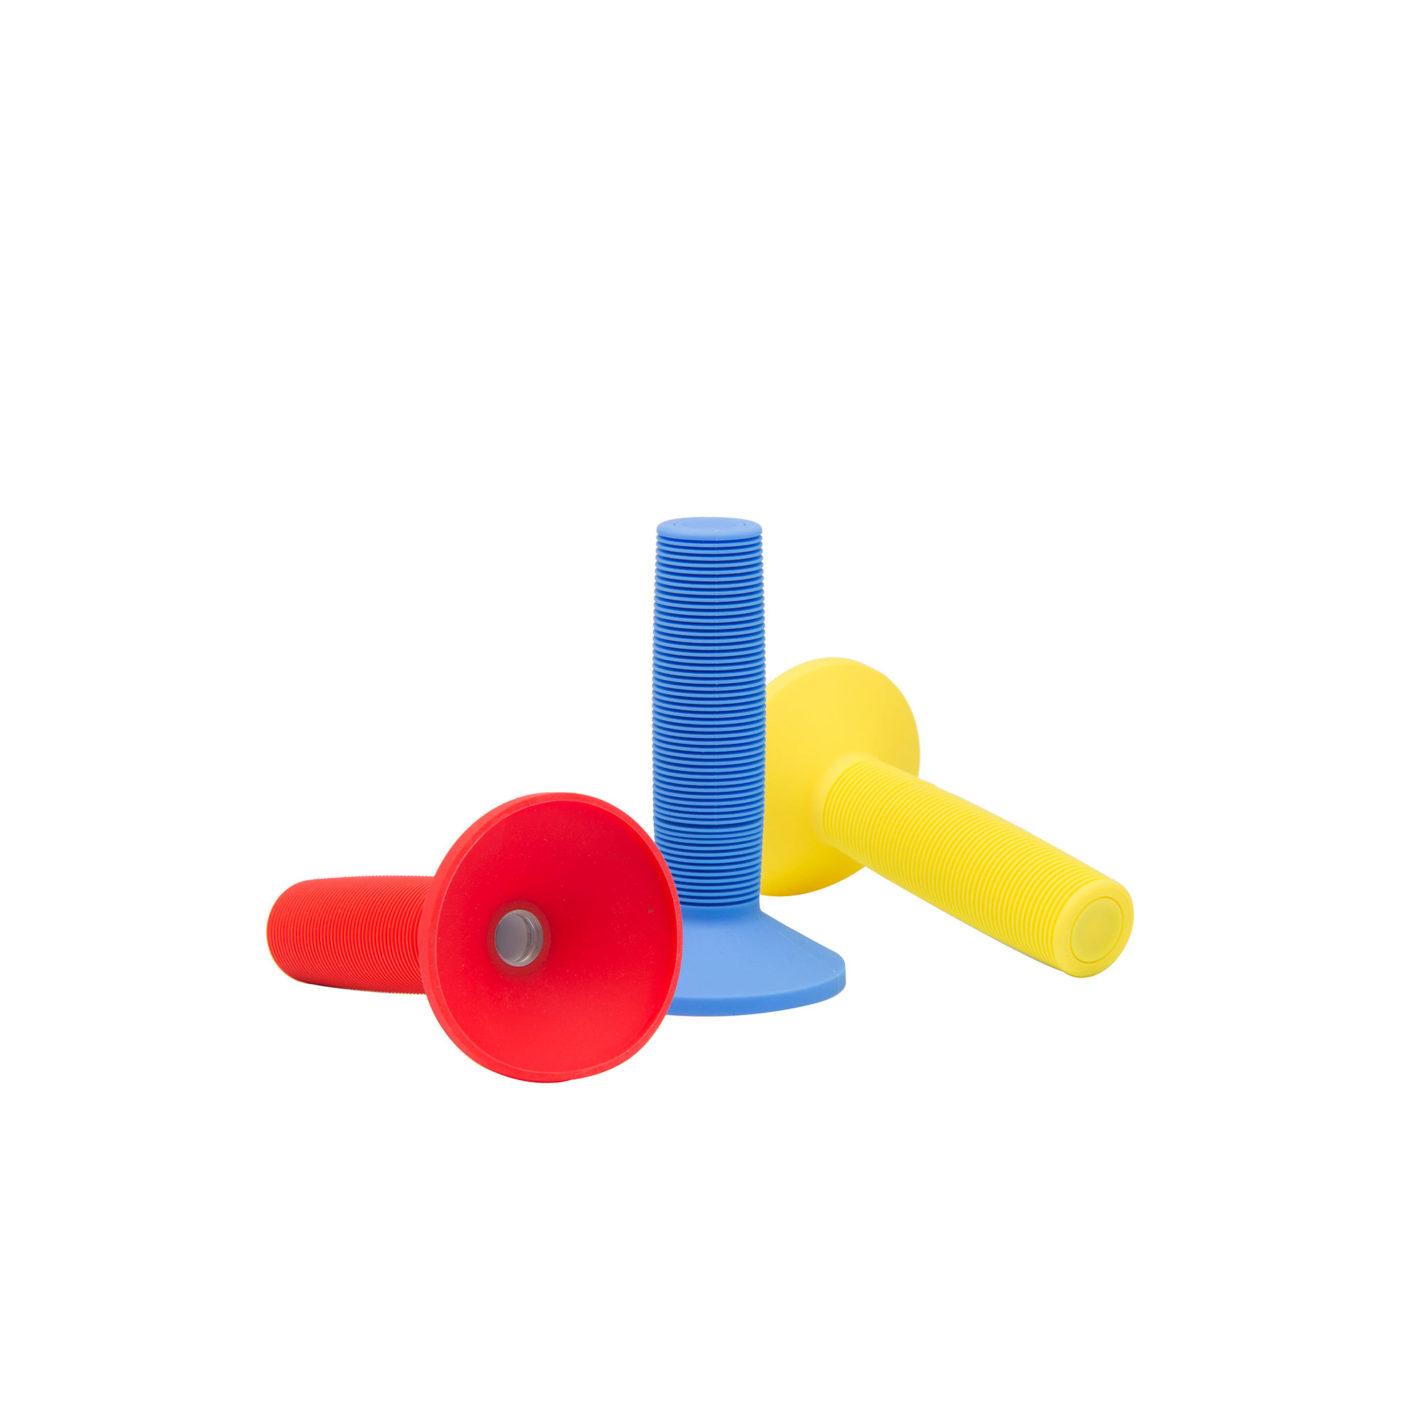 Cinq lampes de poche. Chacune d'entre elles est constituée d'une poignée cylindrique texturée et d'un cône évasé protégeant la petite source de lumière circulaire. Elles sont toutes de couleur différente: noir, blanc, jaune, orange et bleu.